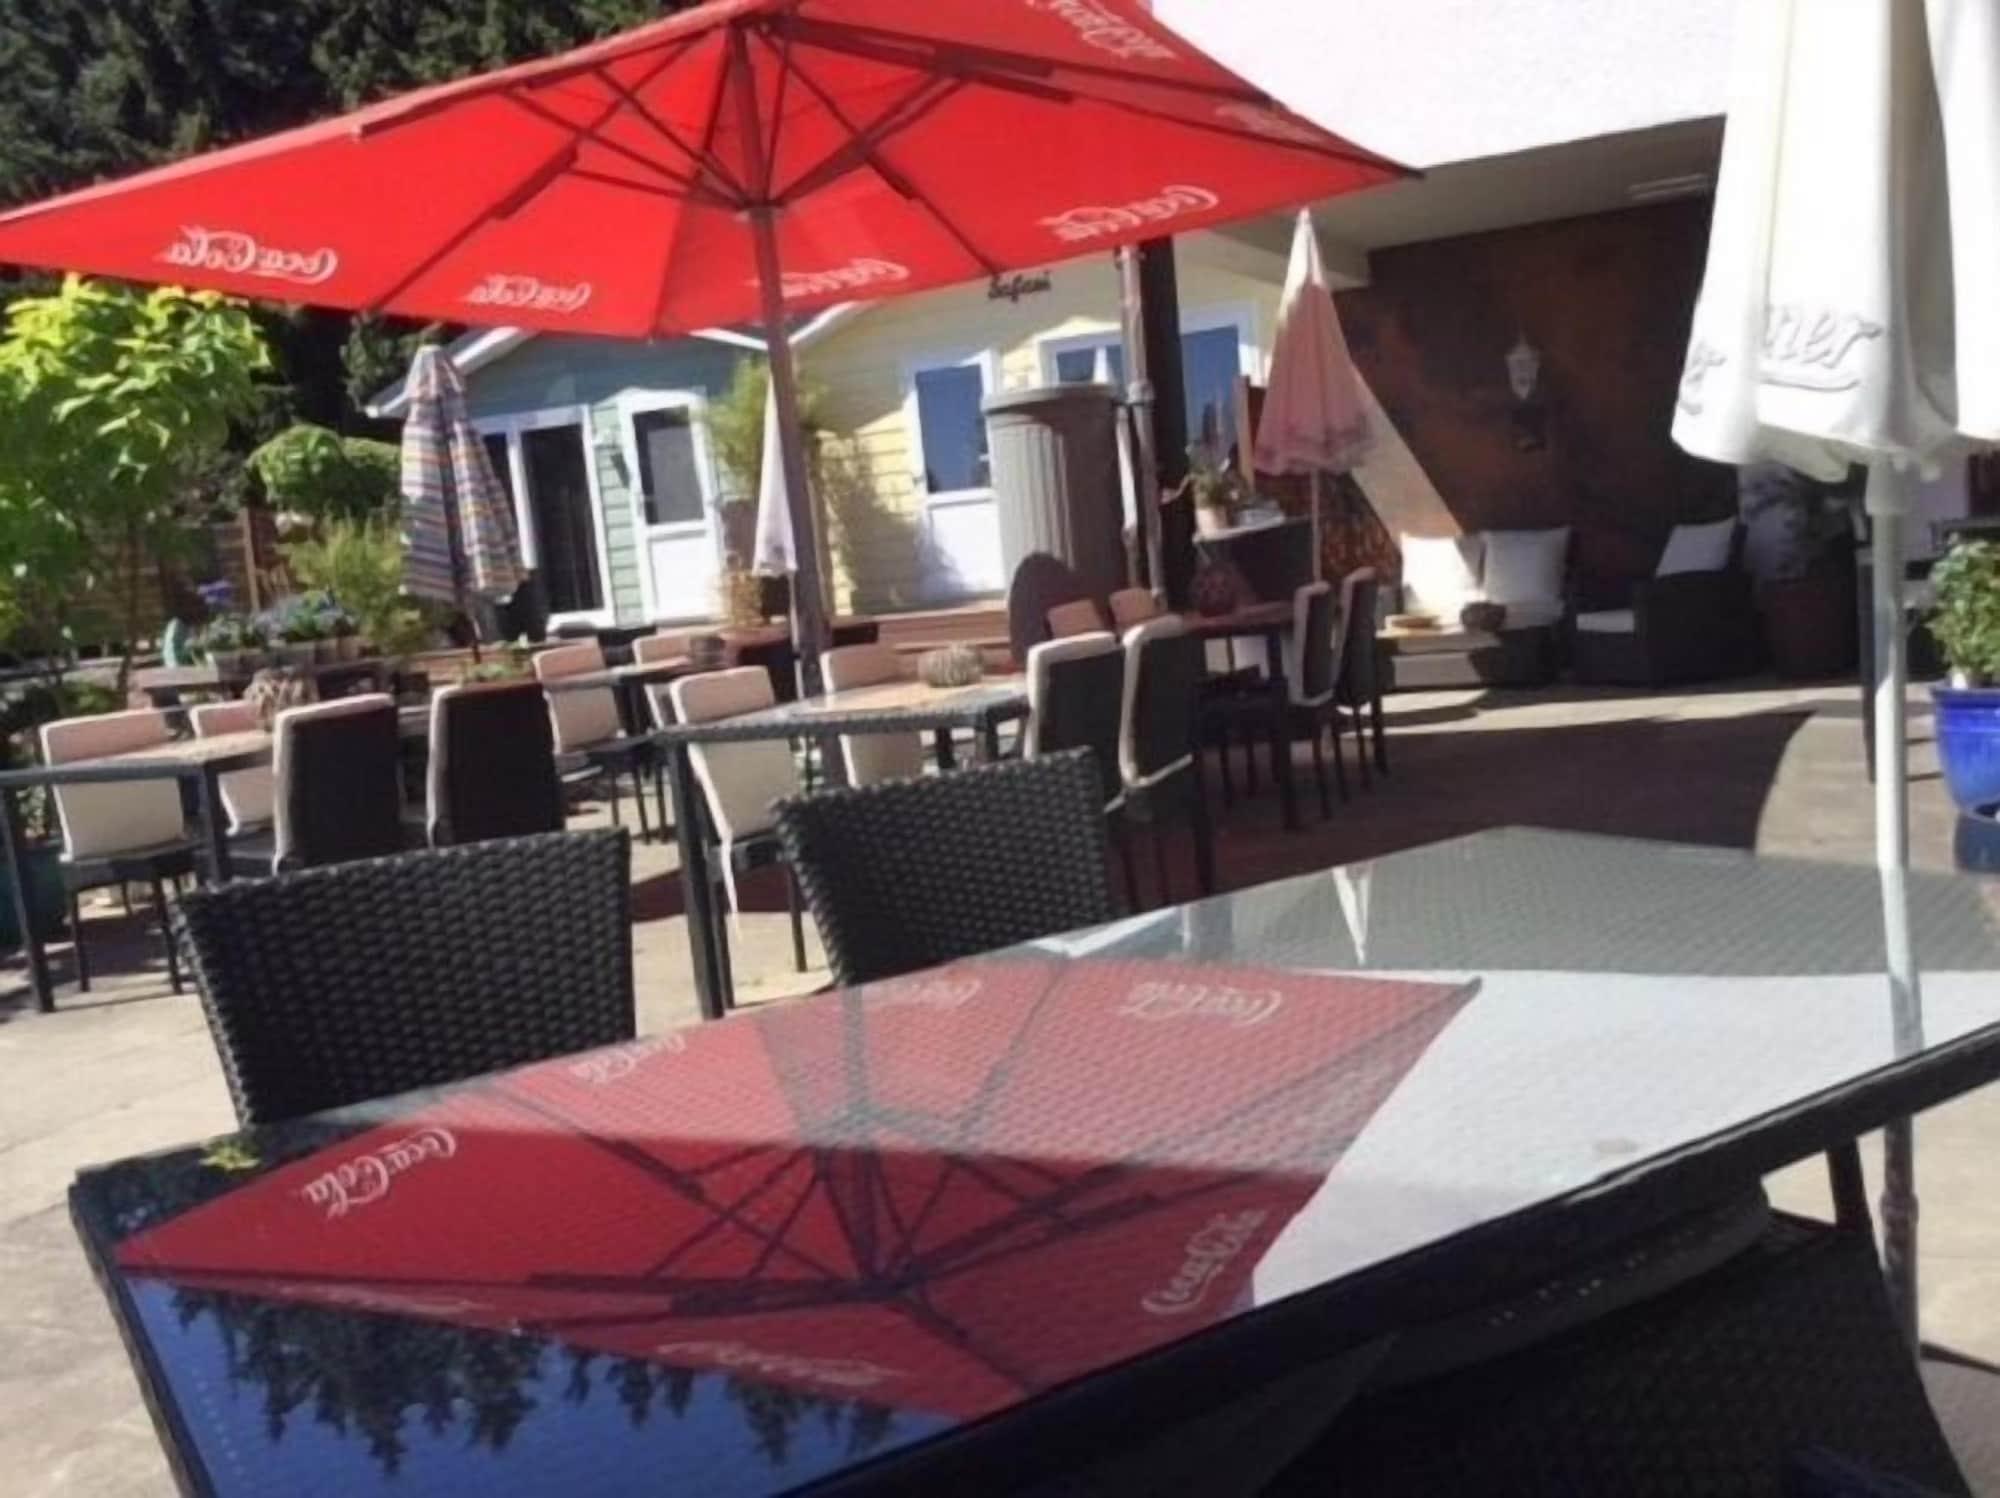 zu Jeddelohs Rosengarten Hotel & Bungalows, Marburg-Biedenkopf